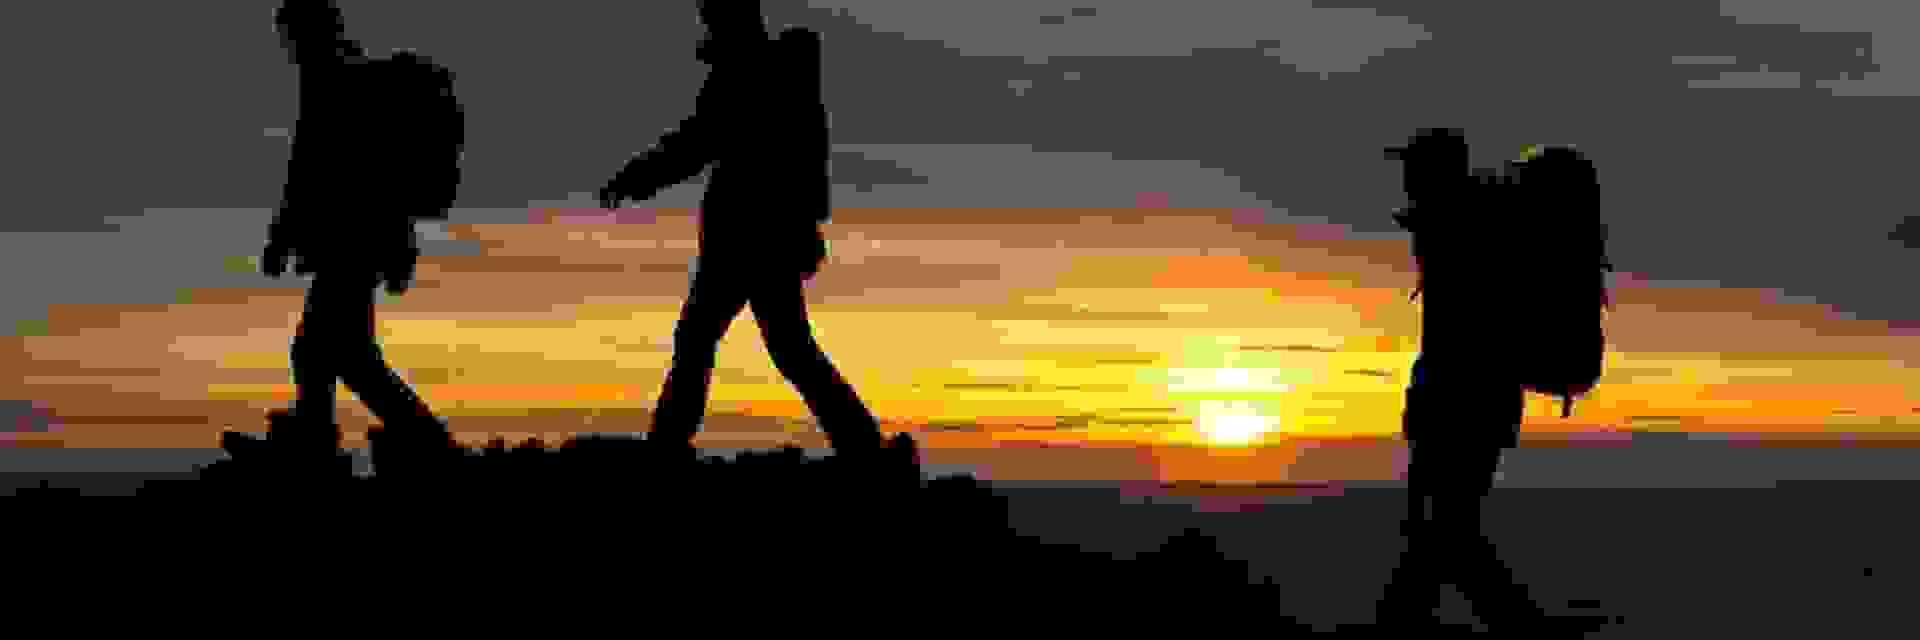 3 Wanderer in der Nacht unterwegs in einem Gebirge. Im Hintergrund ist ein Sonnenuntergang zu sehen.